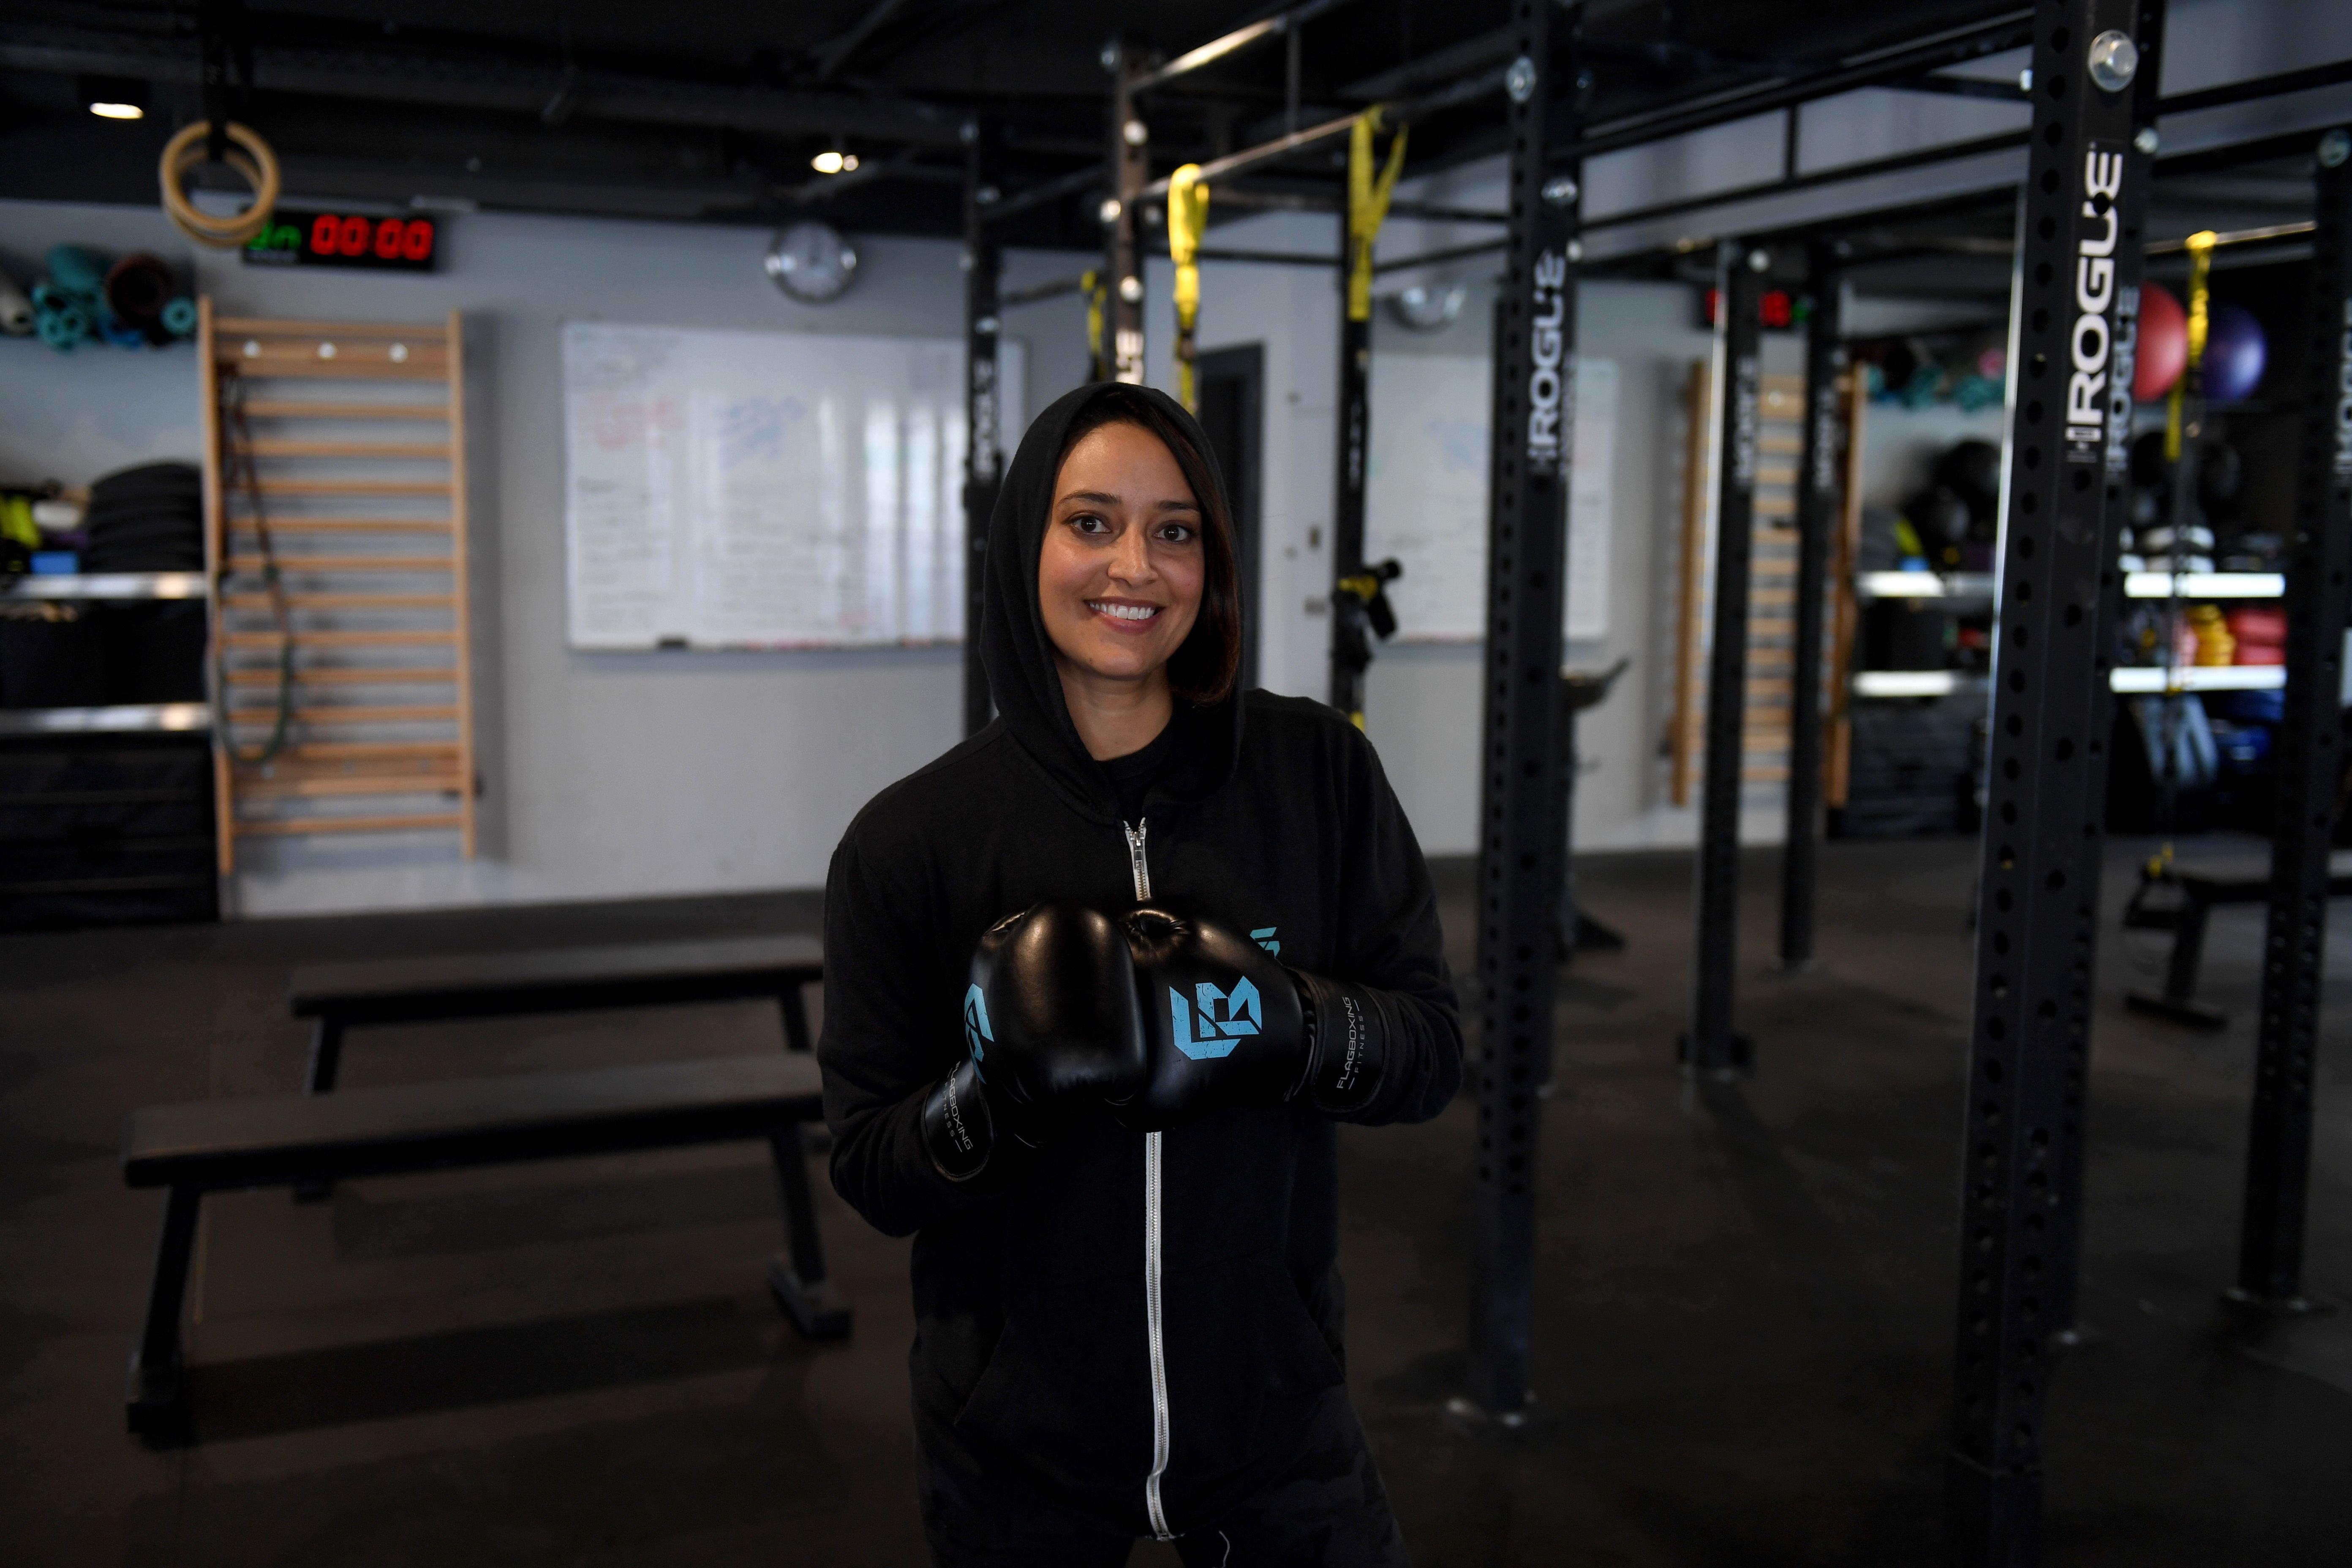 Une boxeuse saoudienne brise les tabous autour du sport